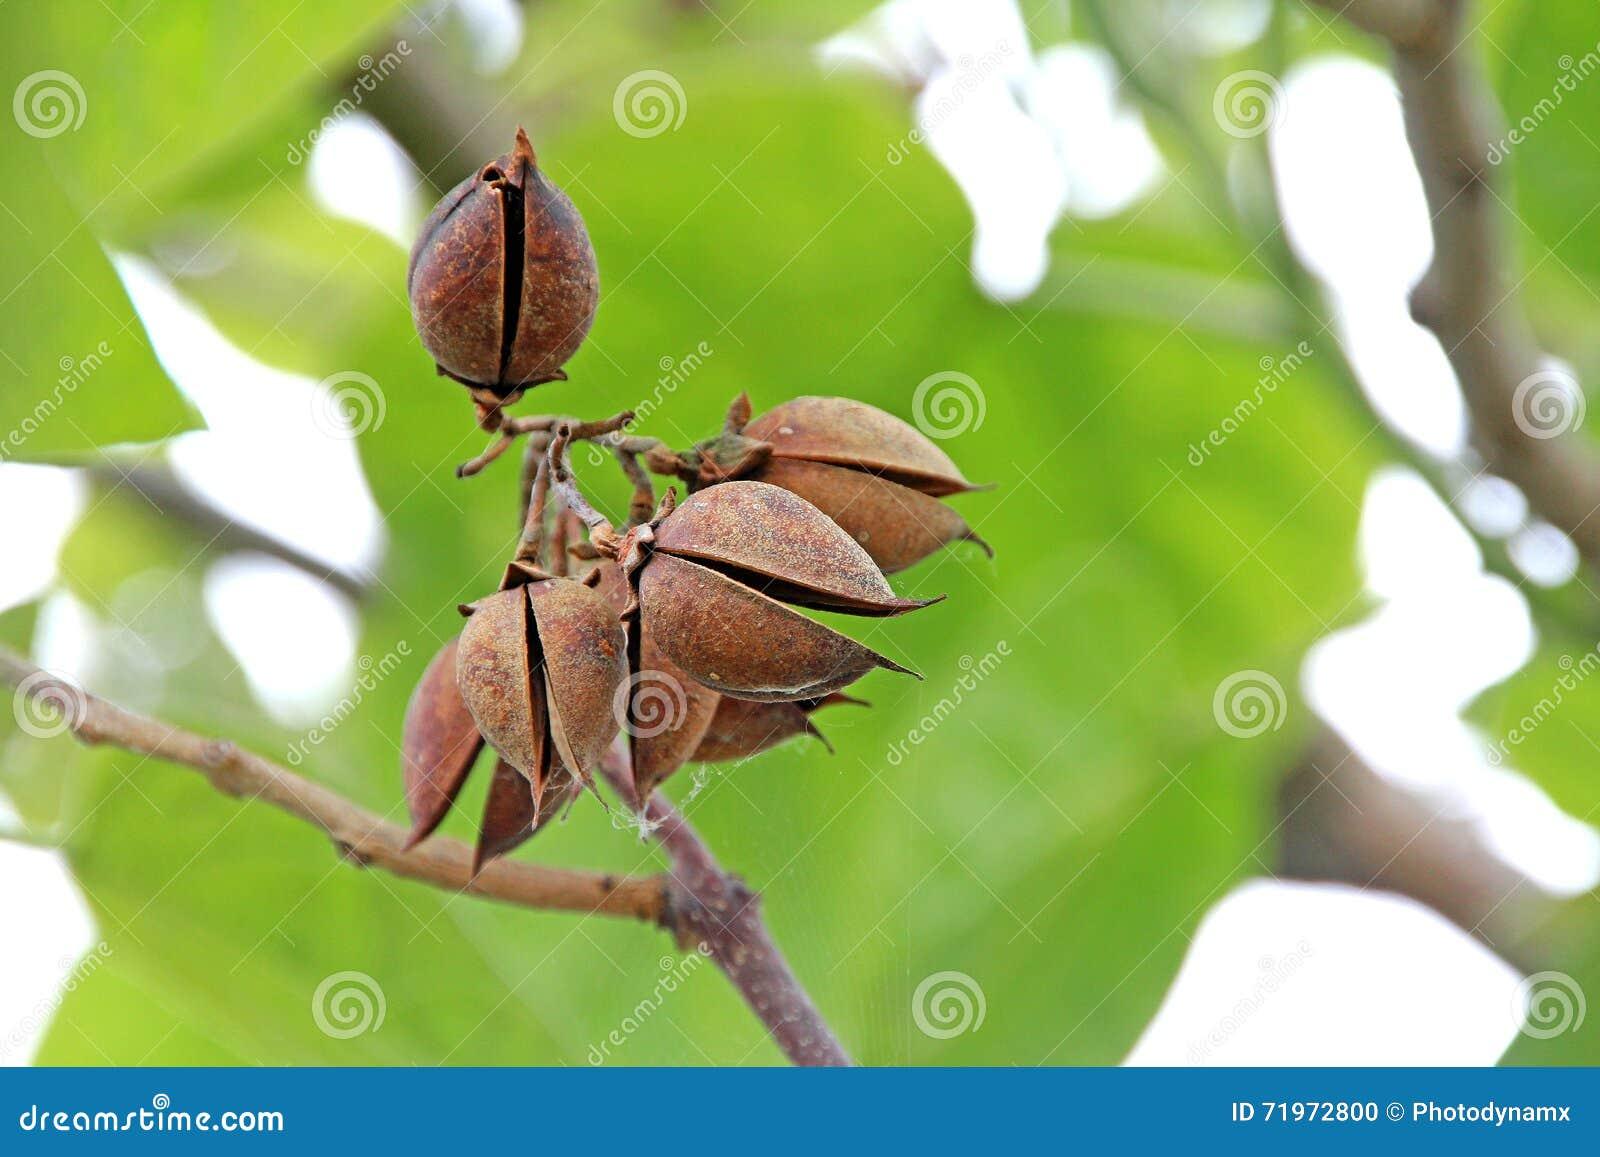 Top Baum-Samen-Hülsen stockfoto. Bild von baum, twigs, frühjahr - 71972800 #JO_85